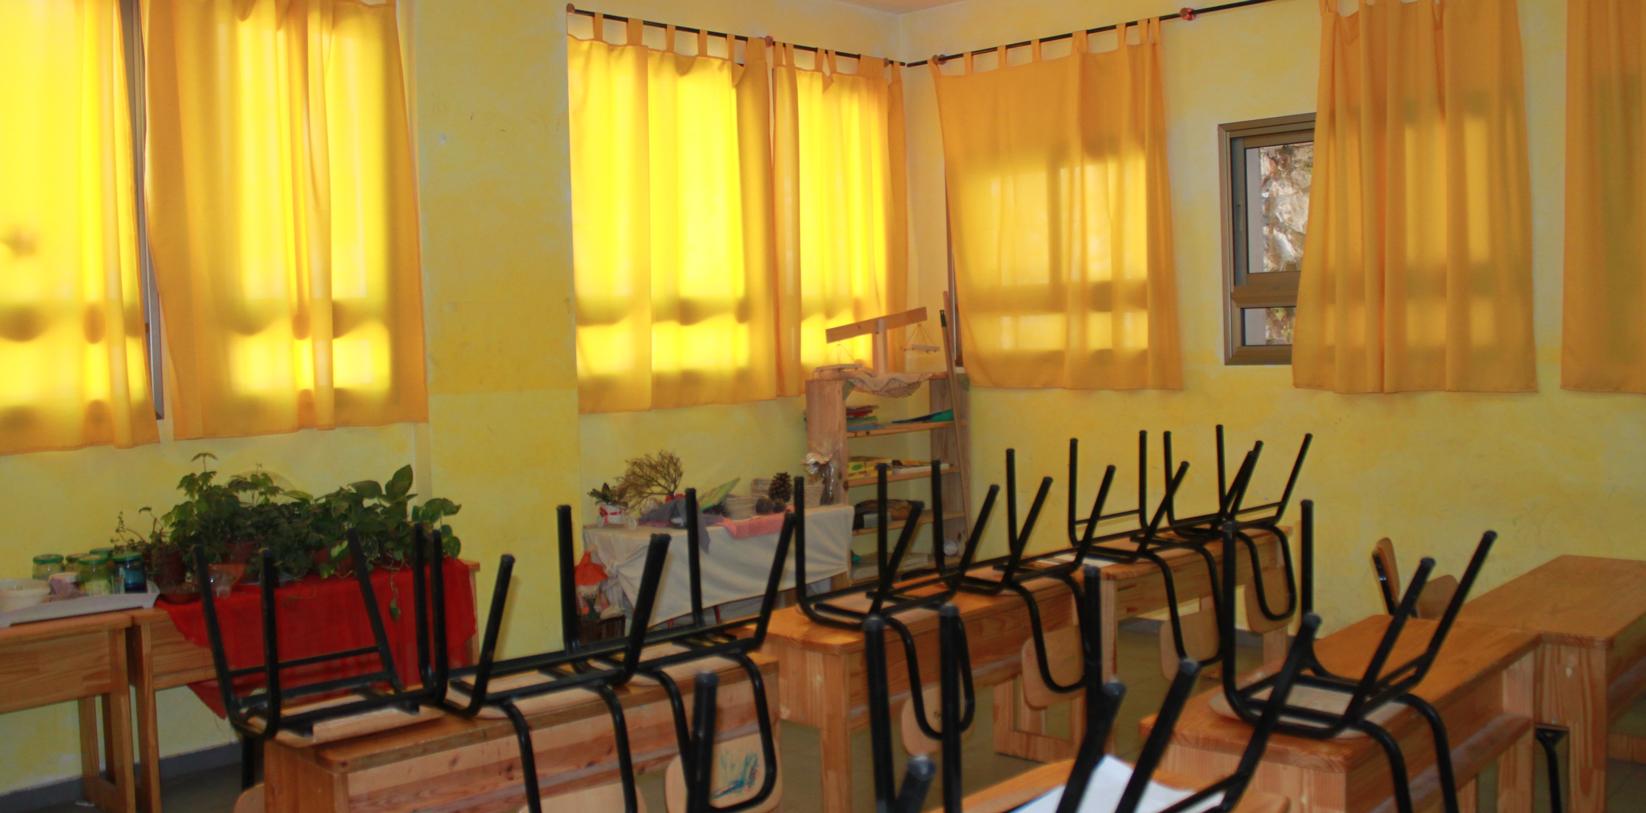 classroom-chairs.jpg